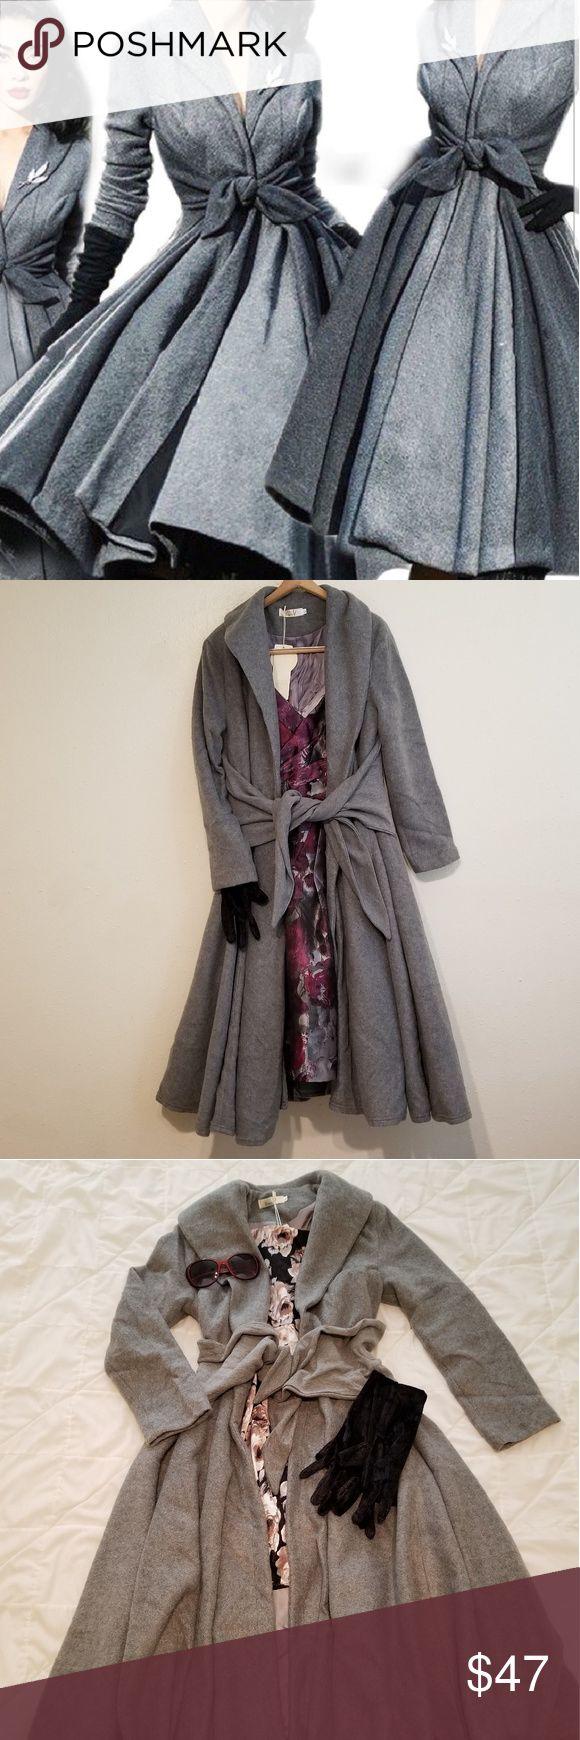 Elegant retro fashion gown jacket This elegant retro fashion gown jacket is lined and options flip do…